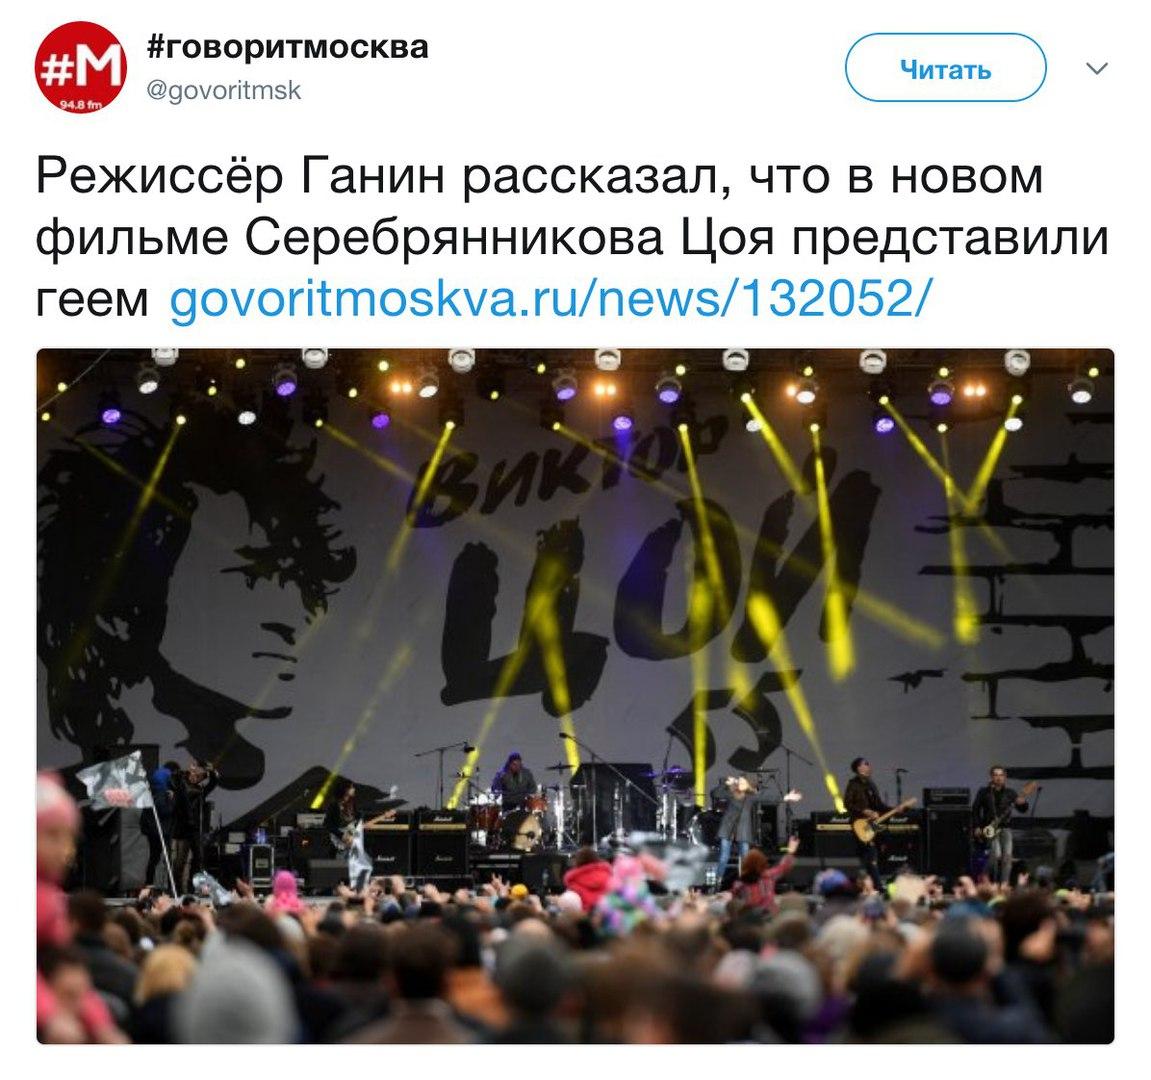 В новом фильме Серебренникова Цоя представили геем